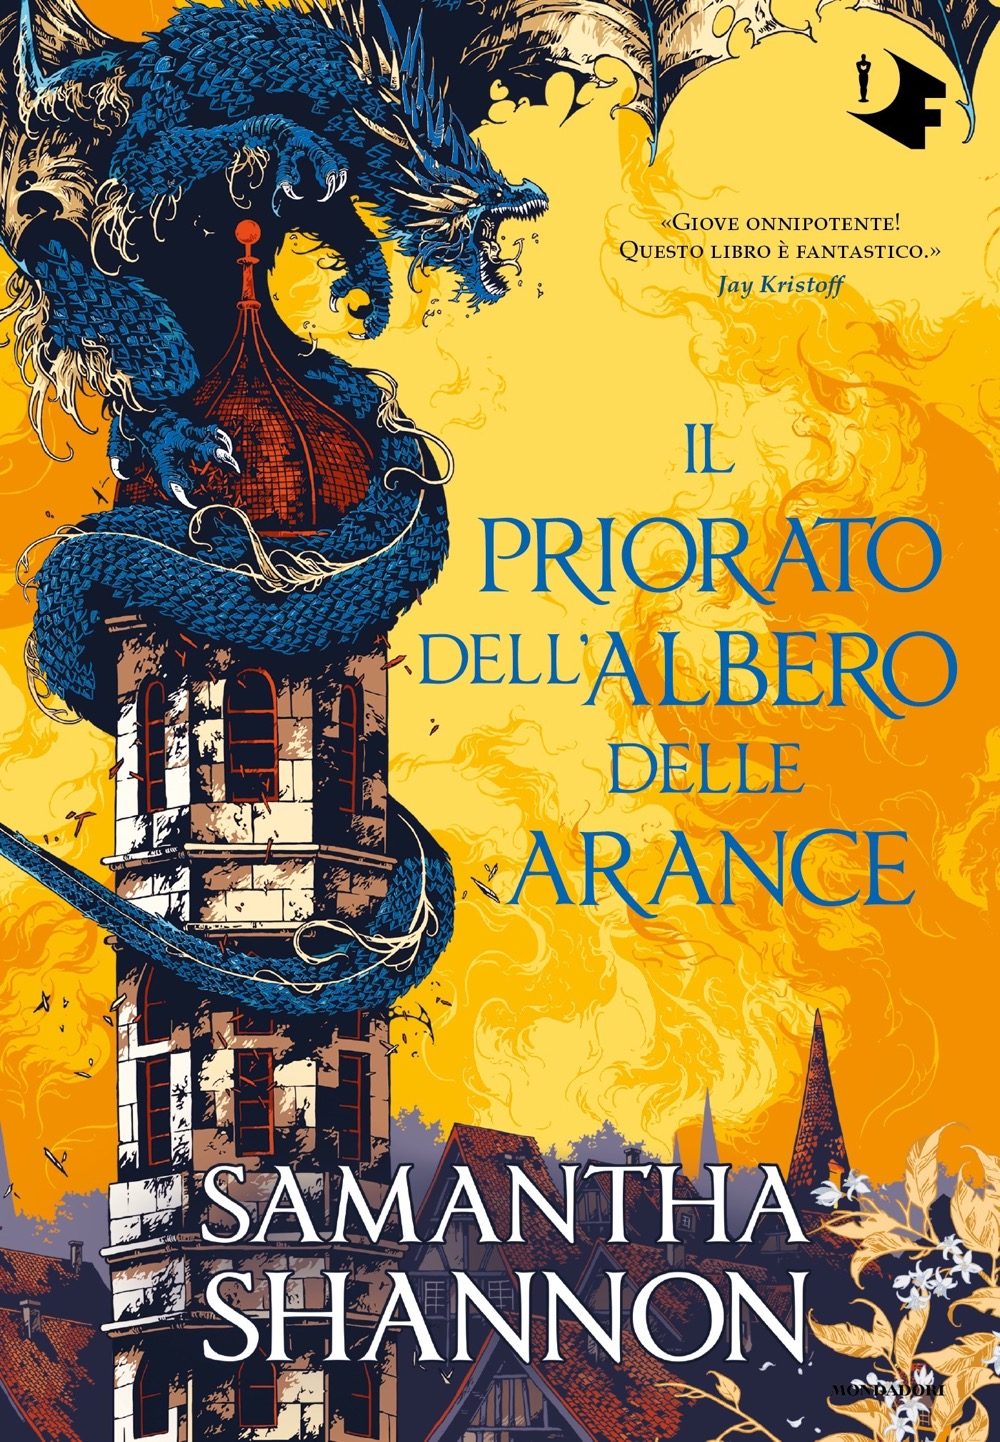 Il priorato dell'albero delle arance - Samantha Shannon | Oscar Mondadori